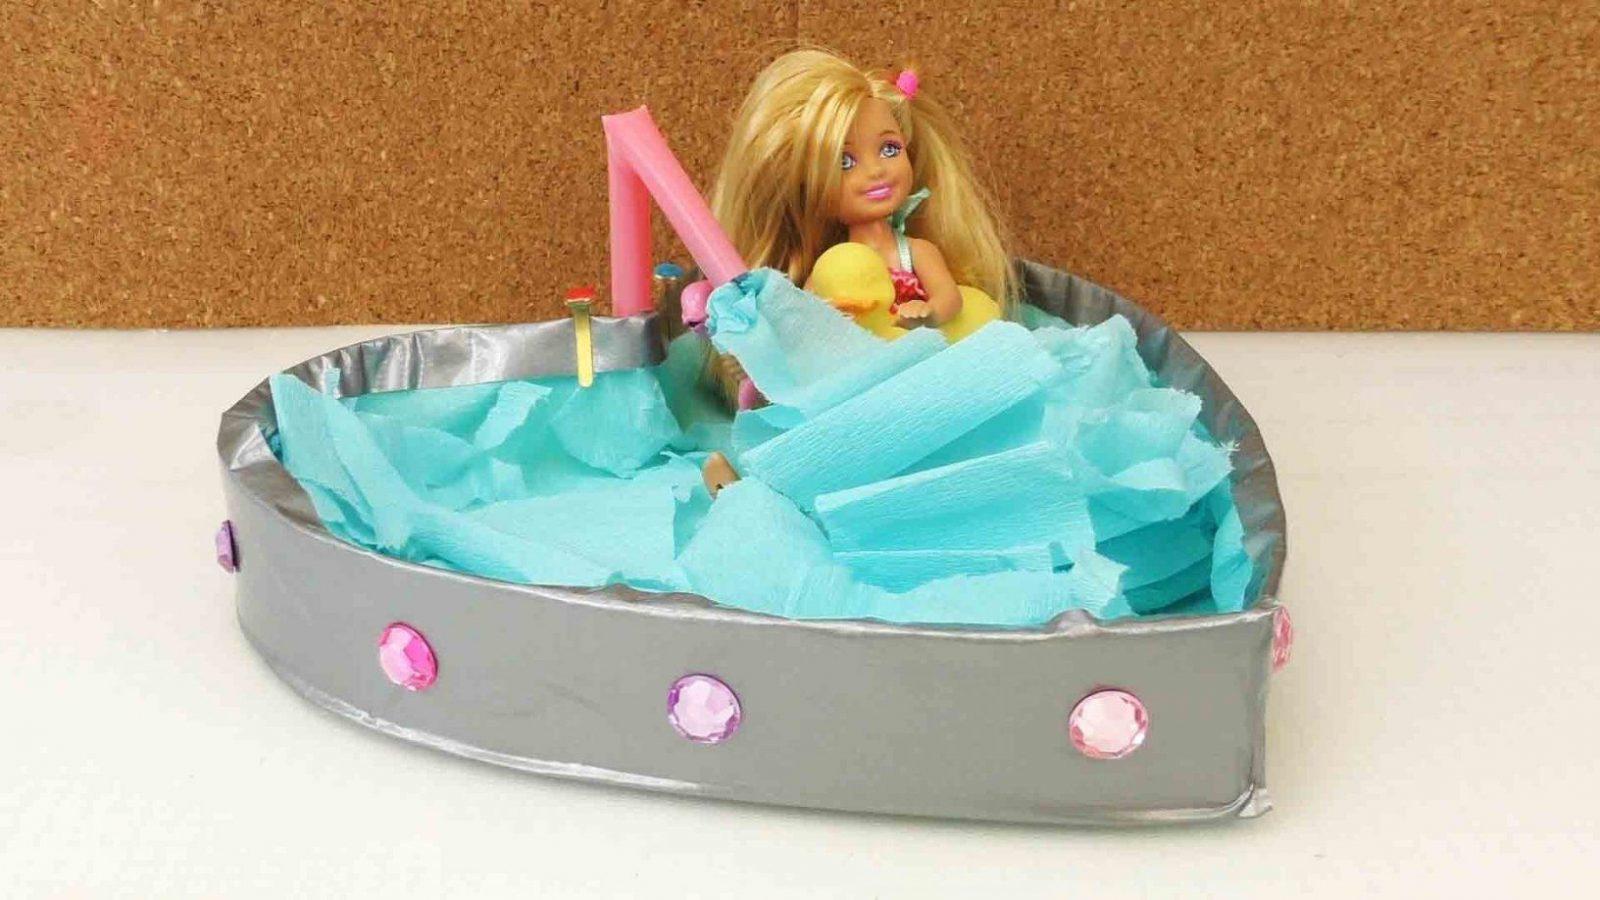 Diy Möbel  Badewanne Für Barbie Basteln  Youtube von Barbie Bett Selber Bauen Bild